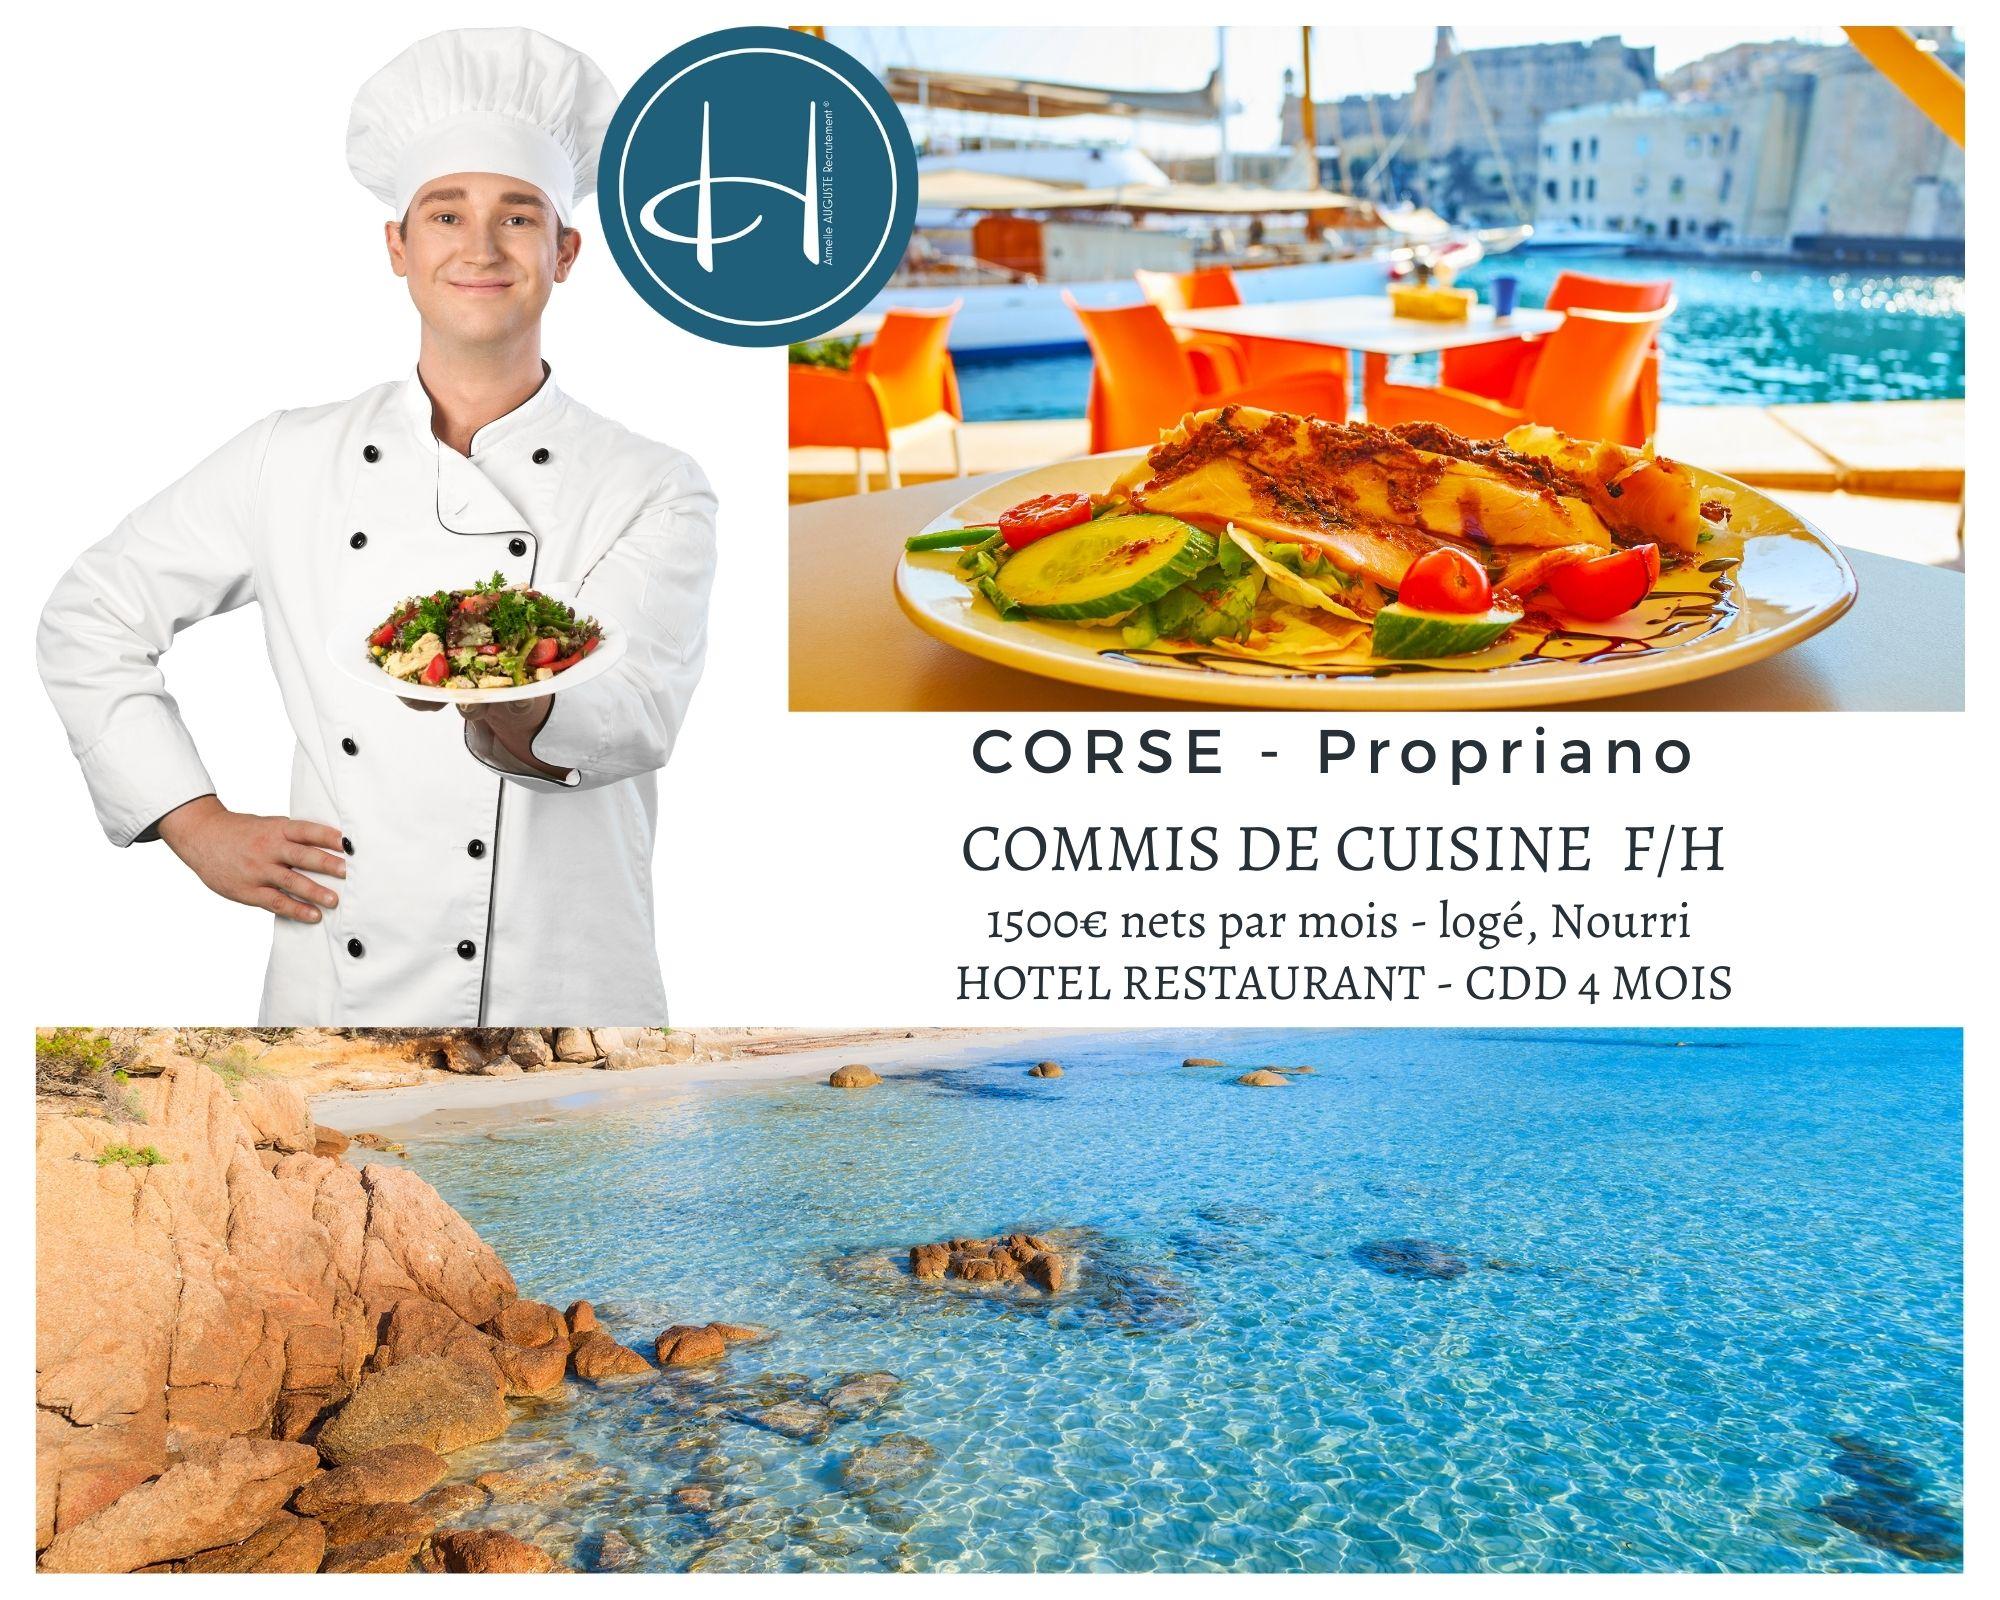 Recrutement: Commis de cuisine - saison été - Corse Propriano F/H chez Armelle AUGUSTE Recrutement® à Propriano